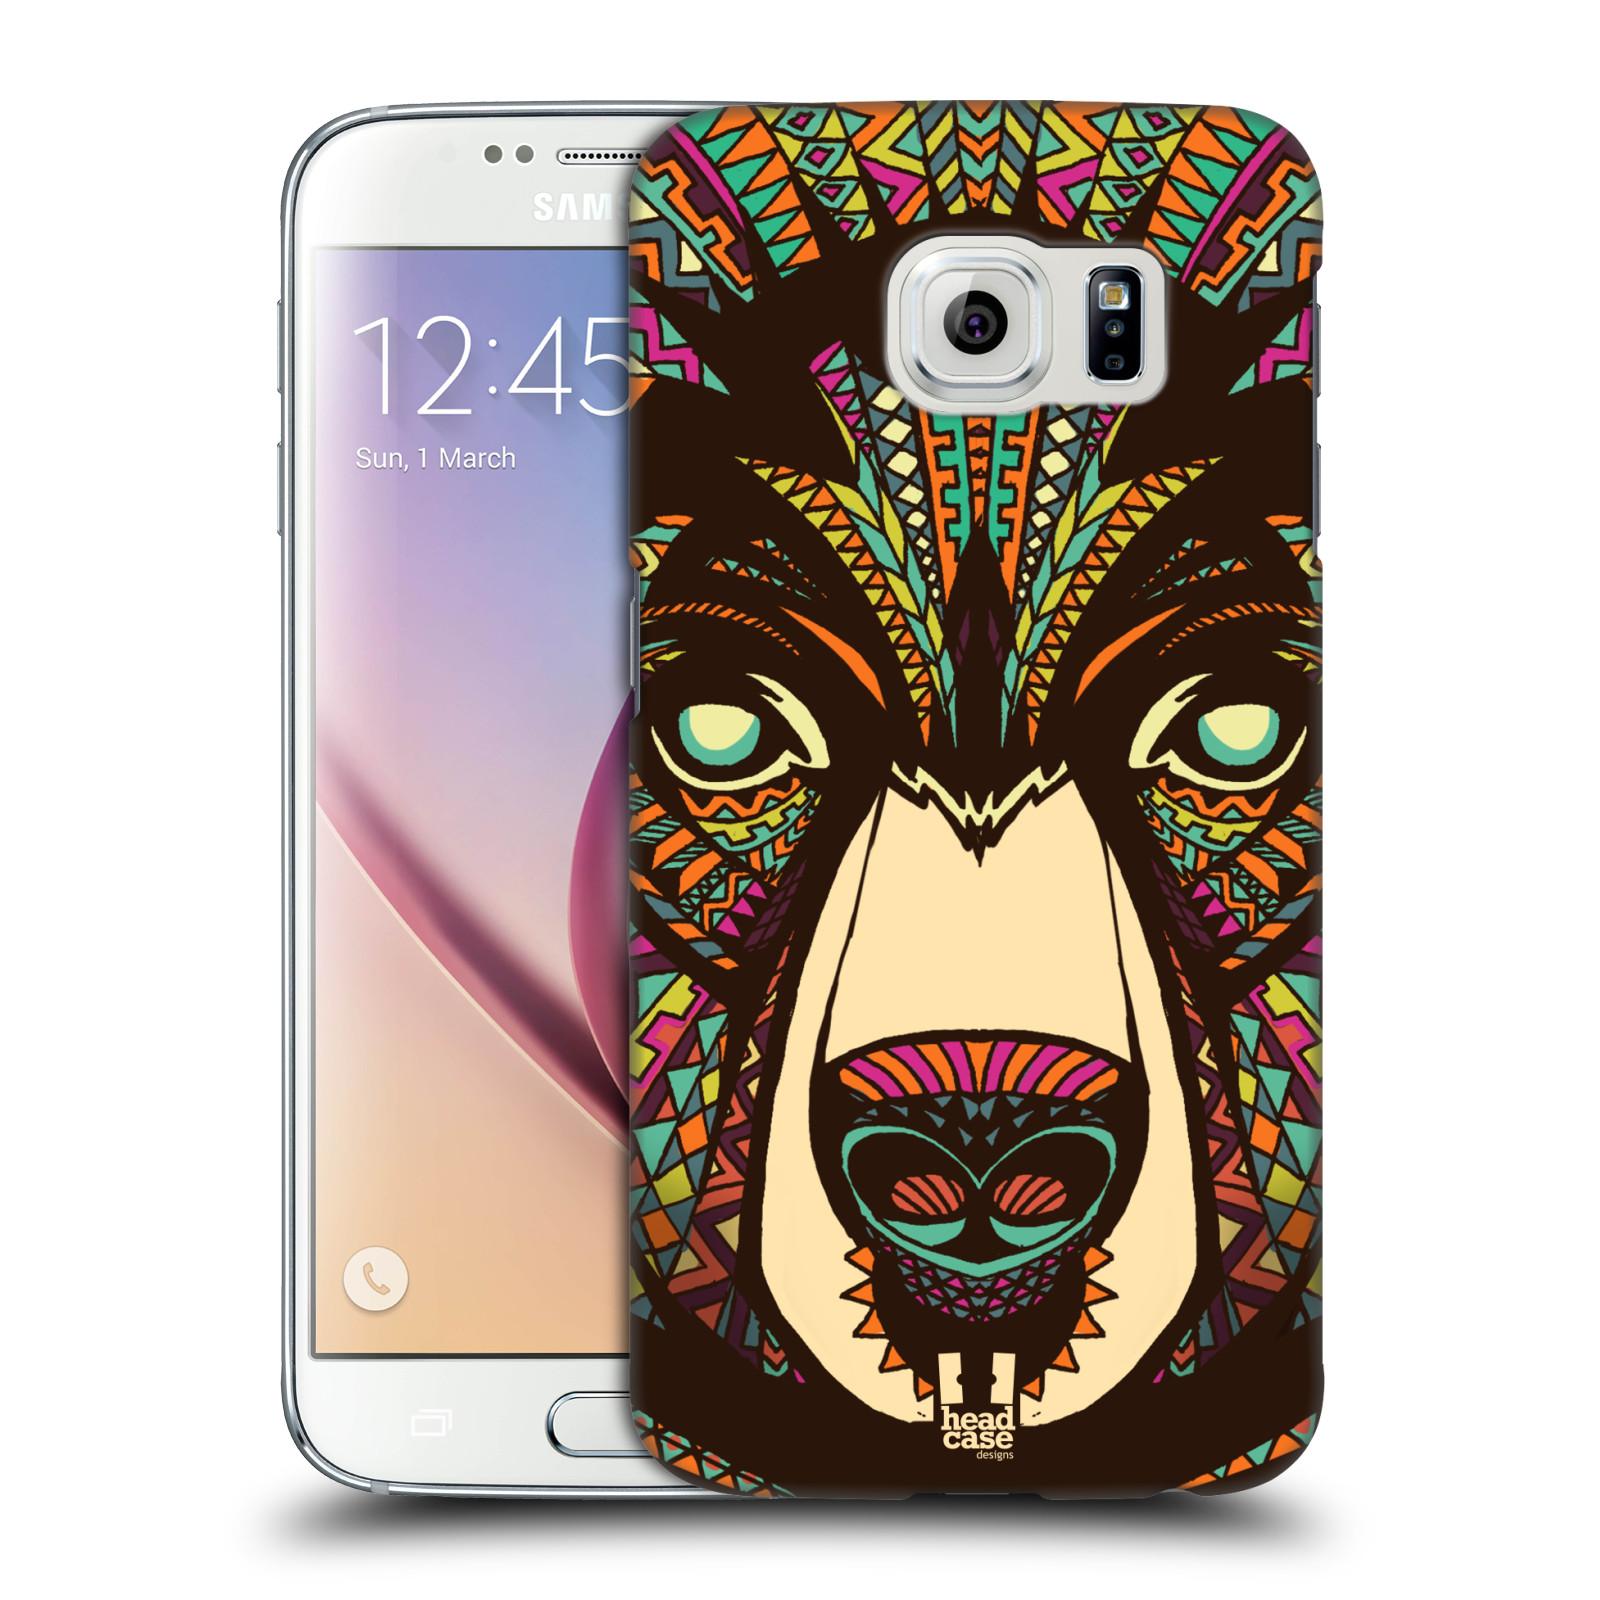 HEAD CASE plastový obal na mobil SAMSUNG Galaxy S6 (G9200, G920F) vzor Aztécký motiv zvíře medvěd